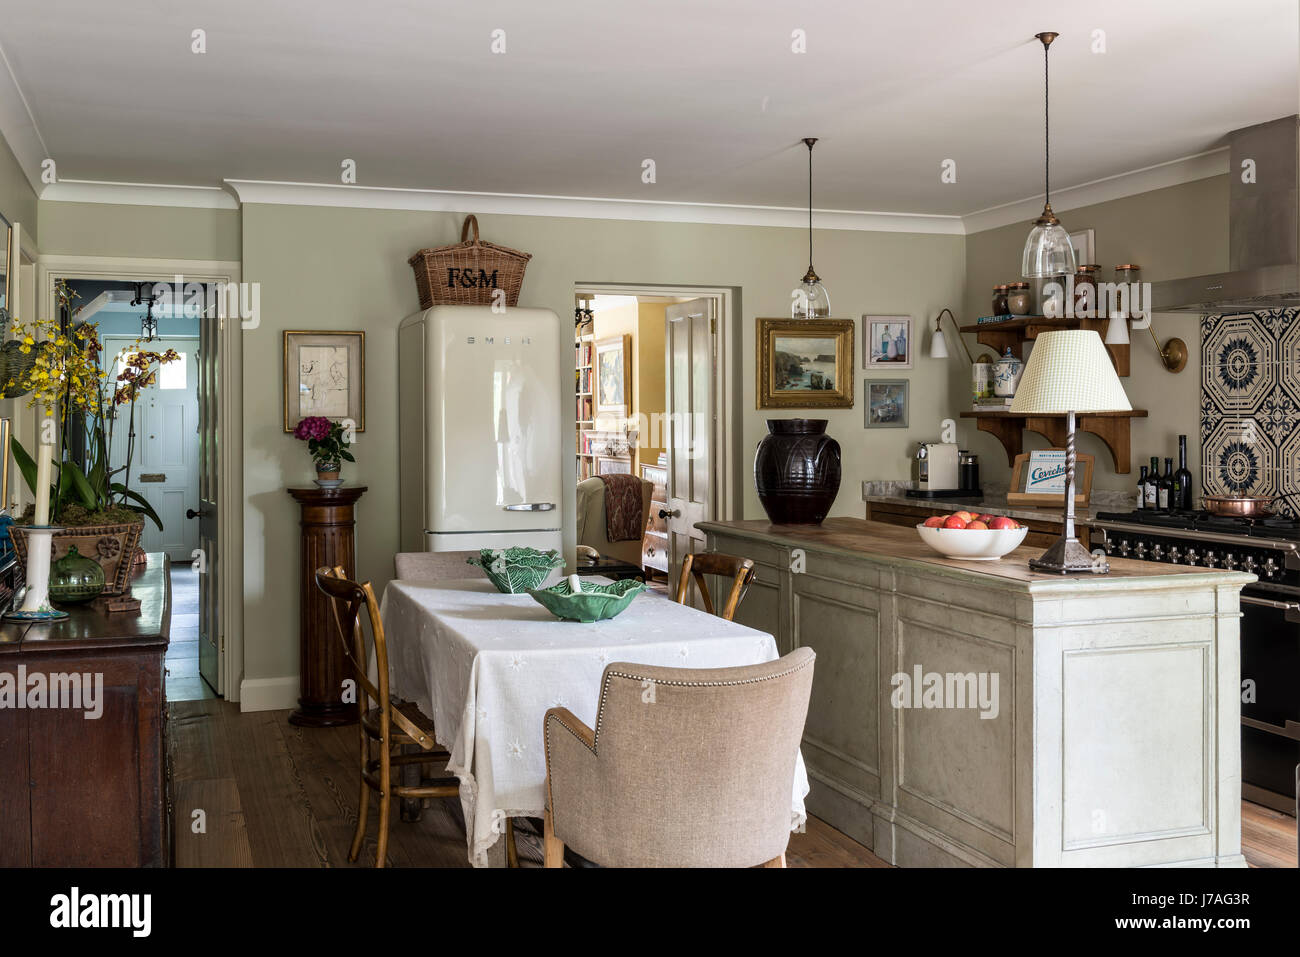 Elegante e tradizionale cucina feeling con antico tavolo da pranzo e sedie, Smeg frigo e macellai isola. Il pendente Immagini Stock